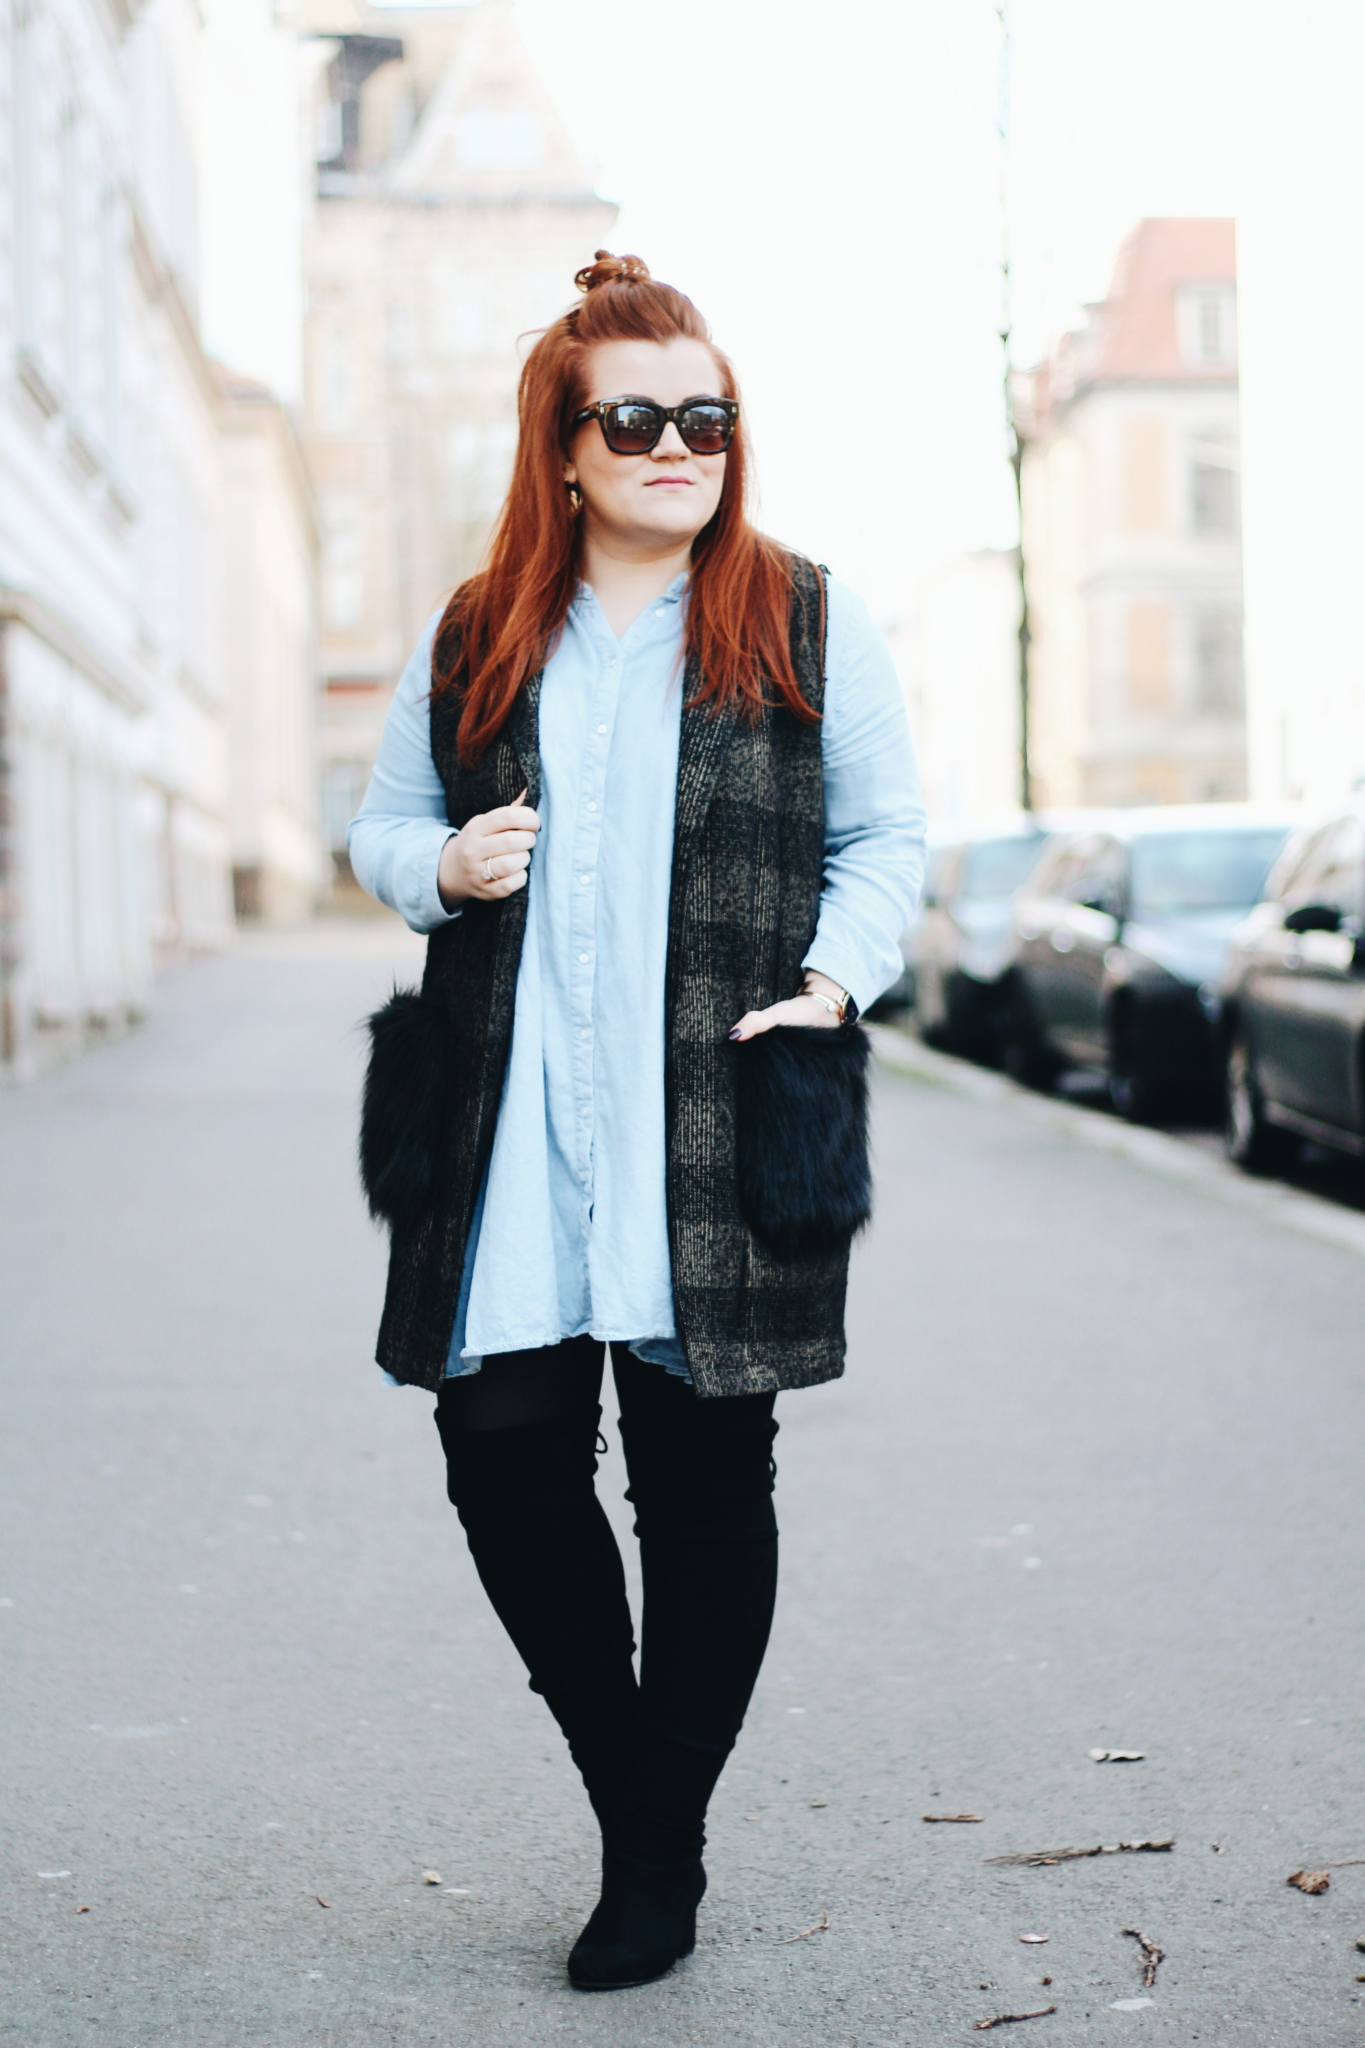 Ganzkörperaufnahme vom Outfit: Outfit Inspiration: So trage ich lange Westen mit Fake Fur - Kunstfell - Fashion Blog aus Leipzig